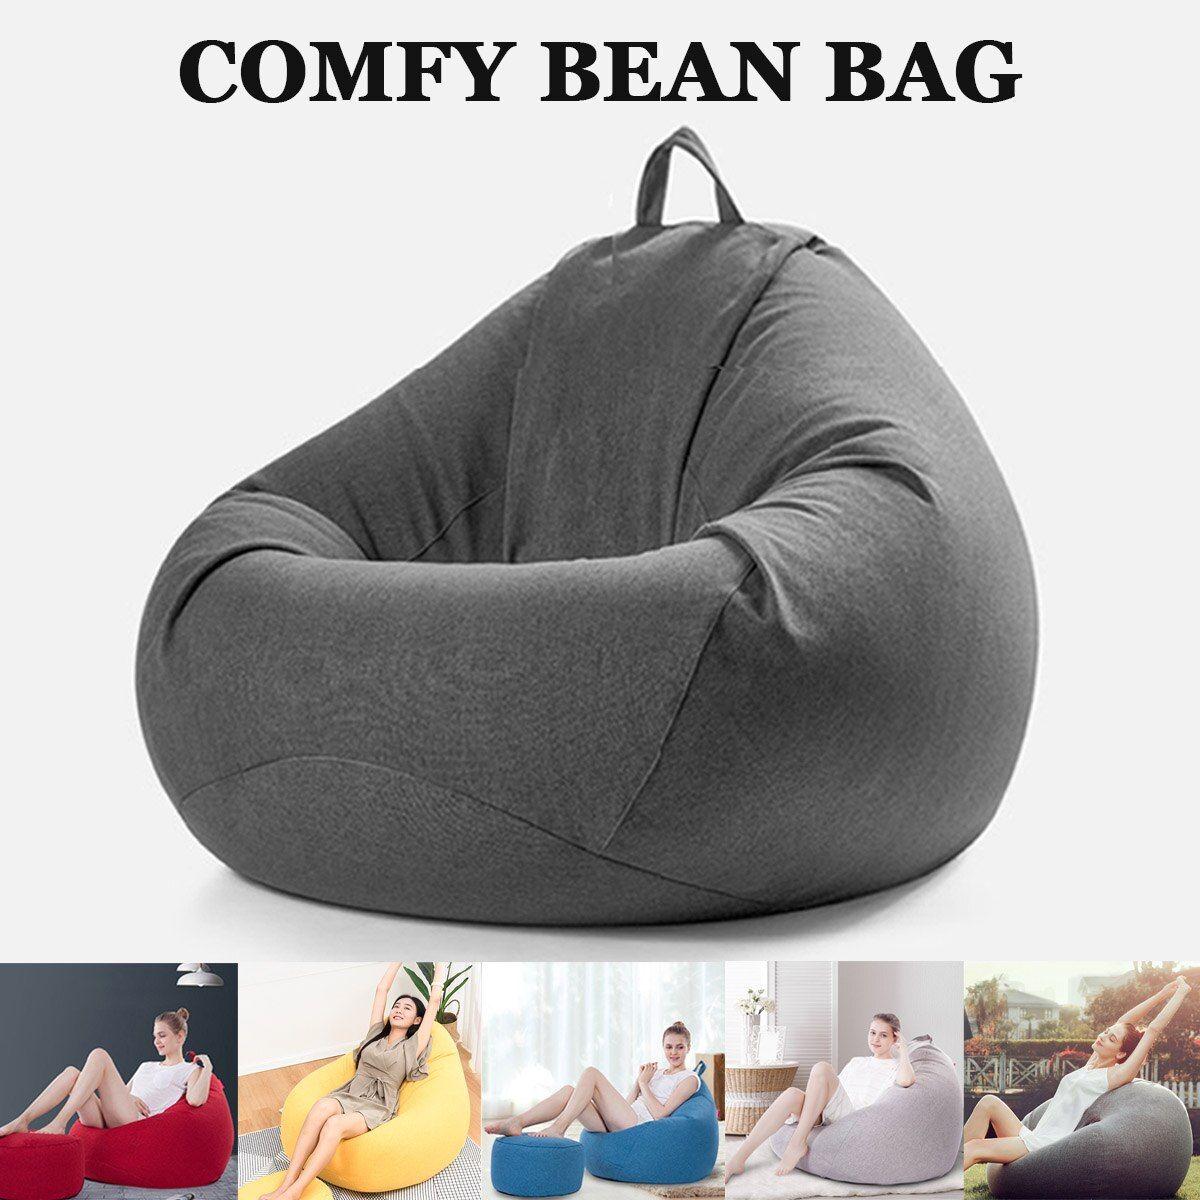 LAZY BEANBAG SOFA 1 Bean bag sofa, Bean bag chair covers